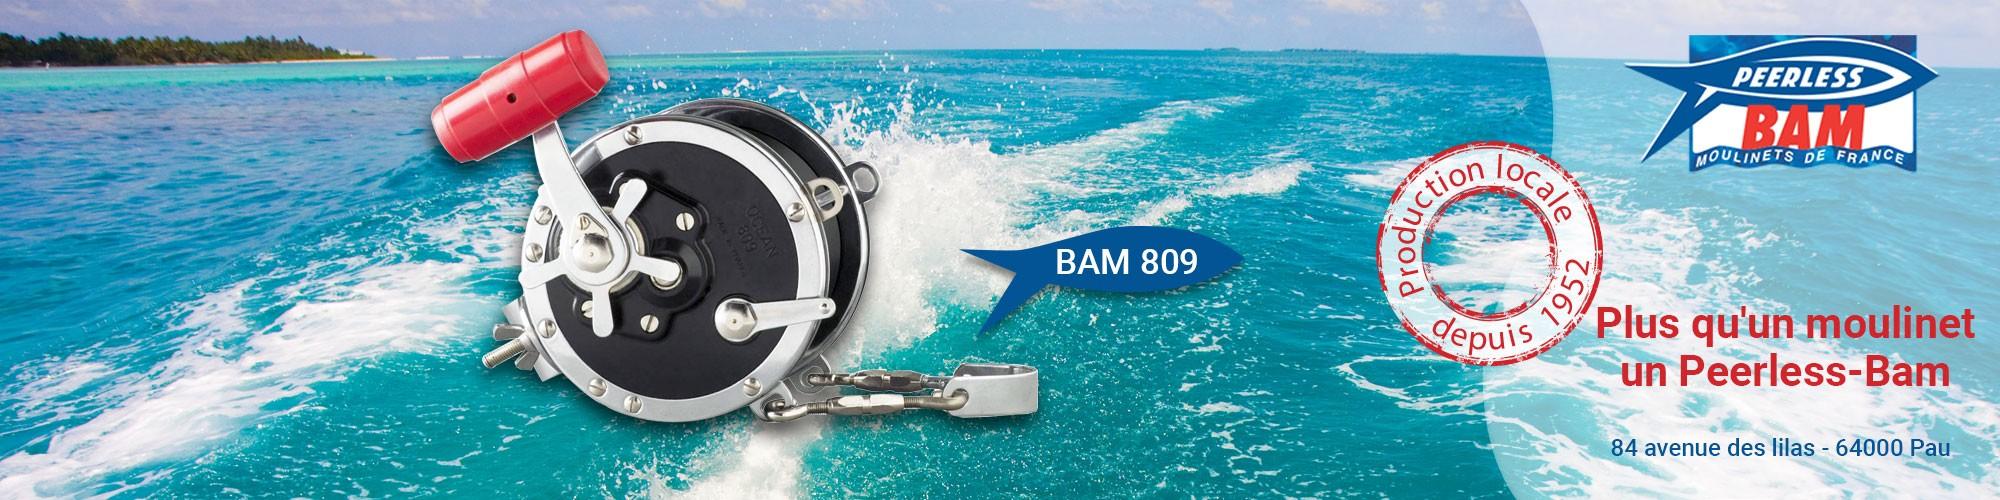 Bam 809